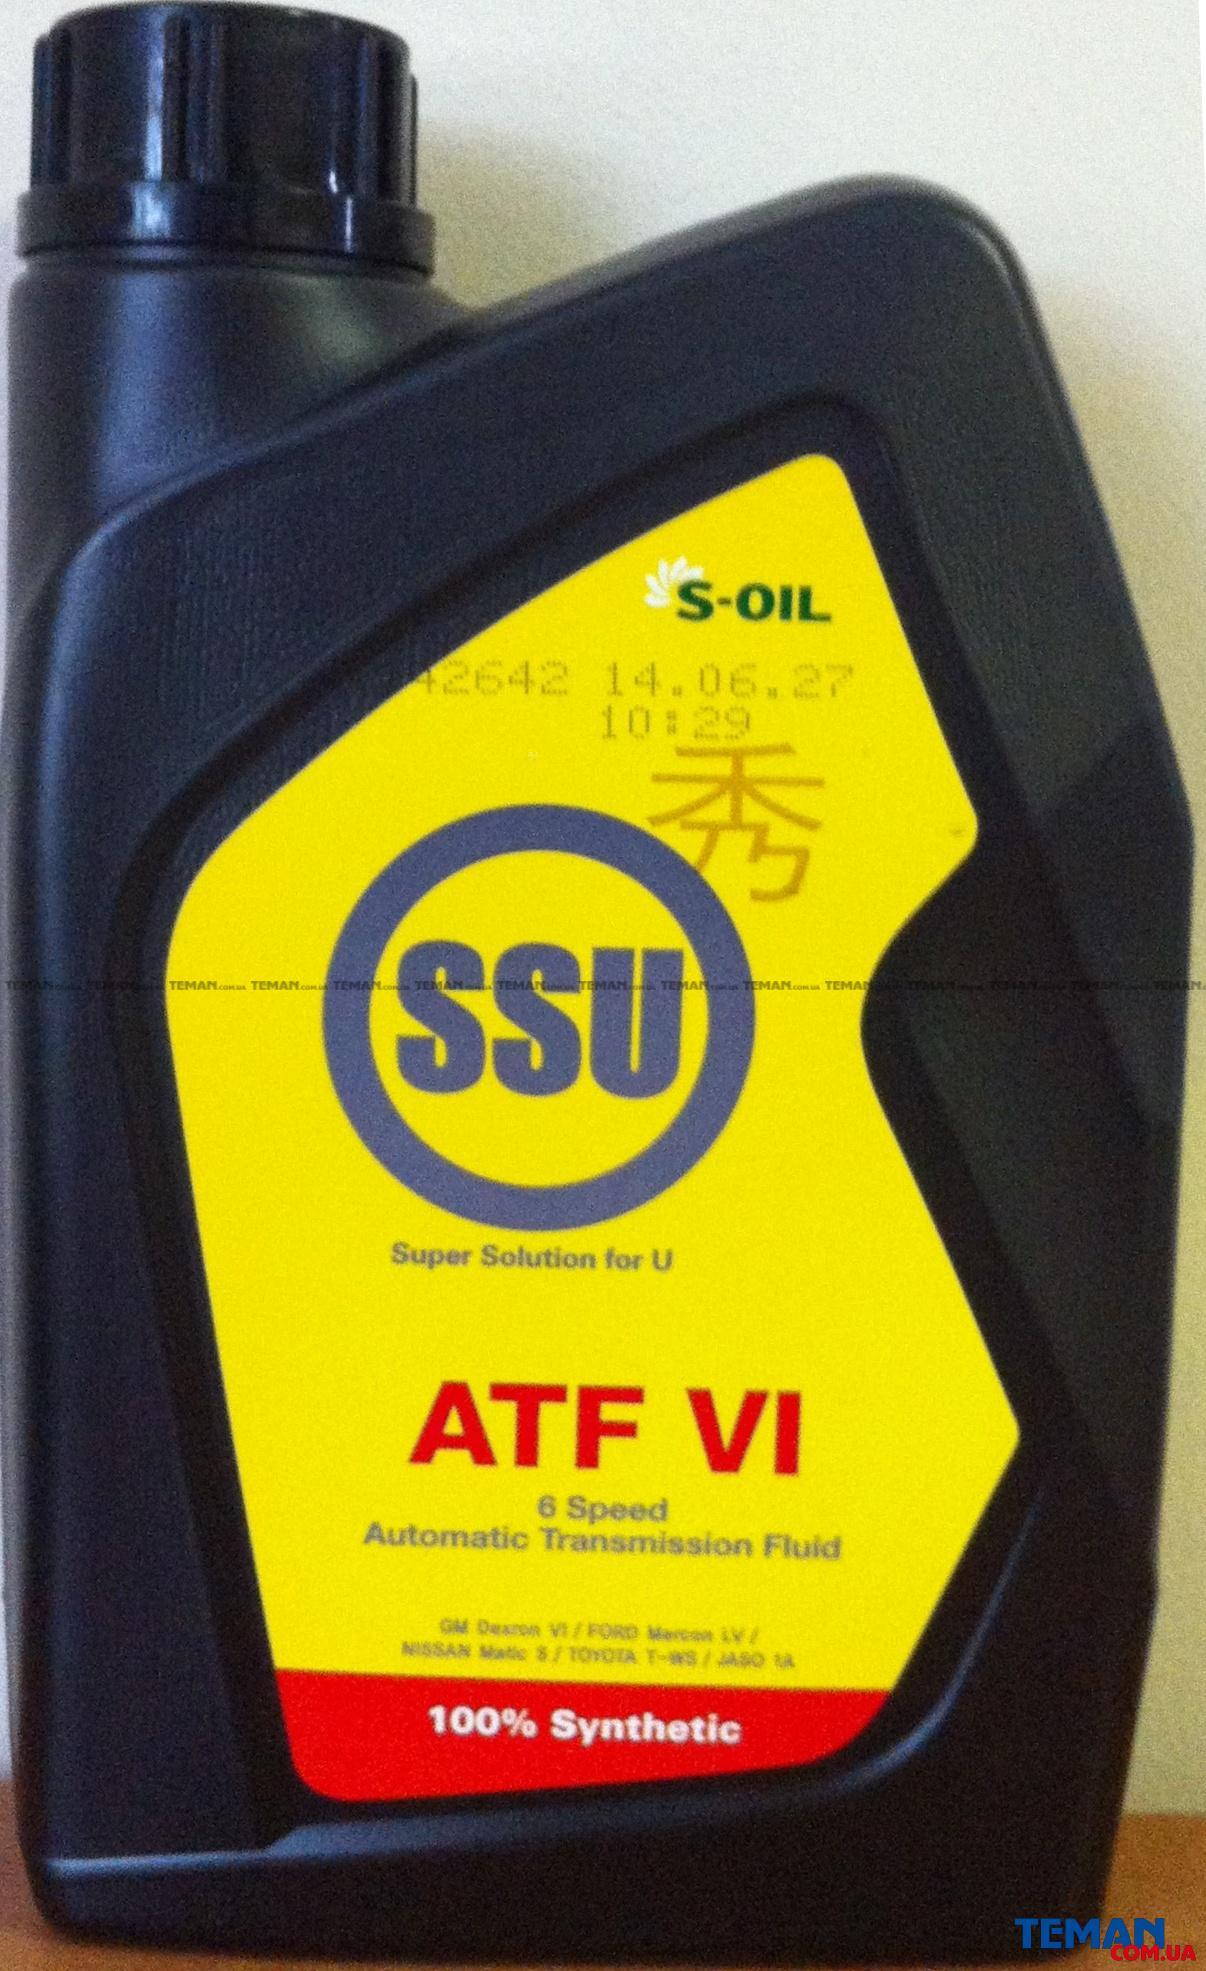 Синтетическое трансмиссионное масло SSU ATF VI EX, 1 л